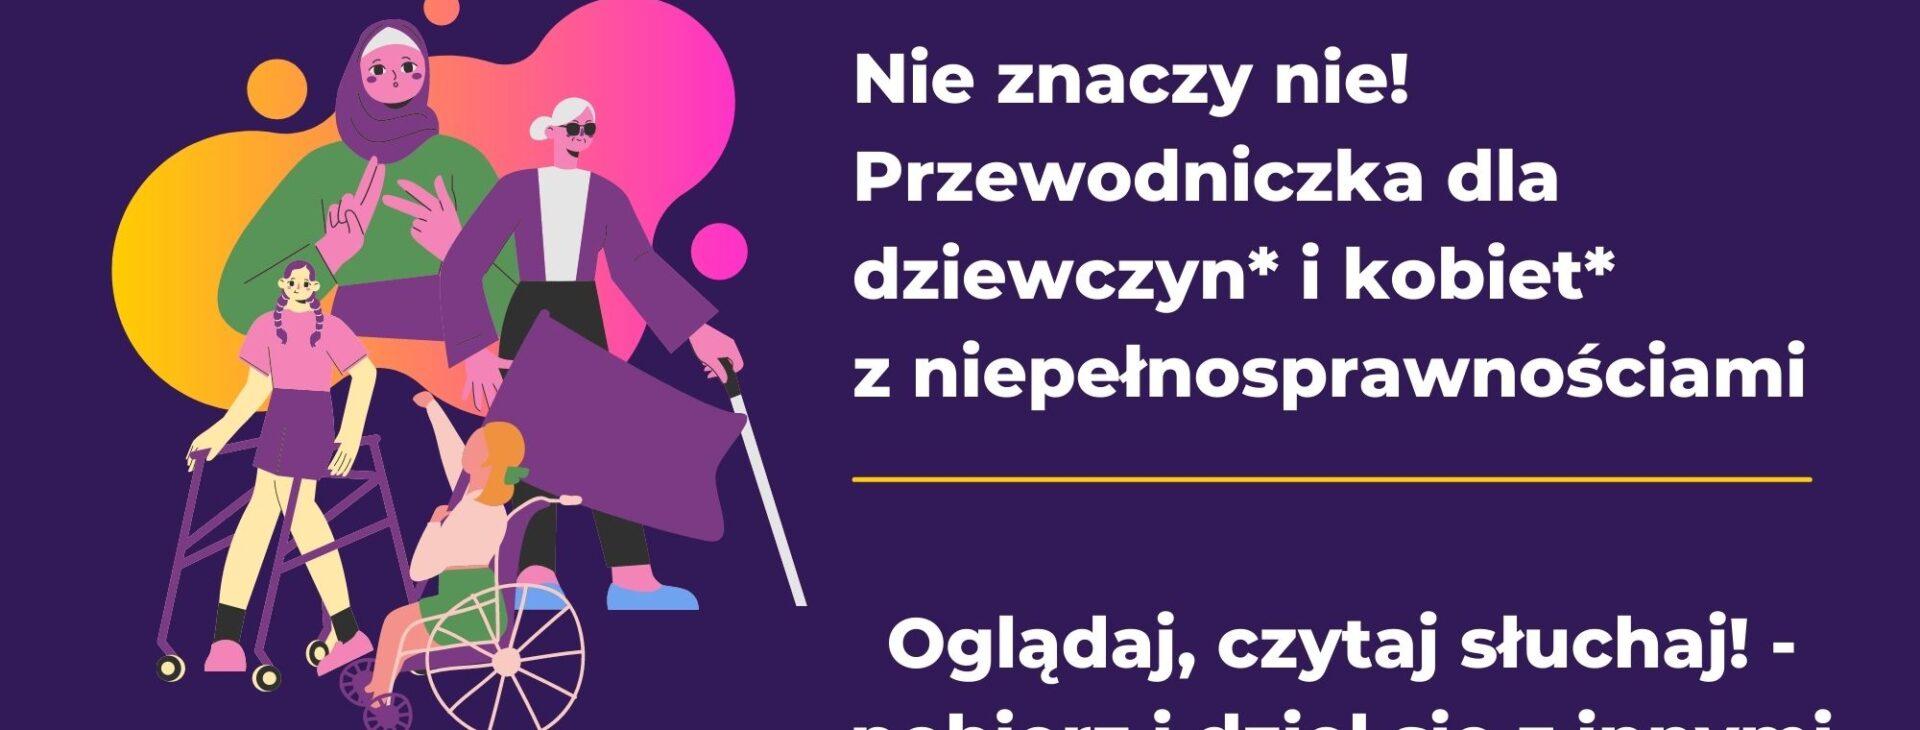 Grafika przedstawia kobiety poruszające się na wózku, o lasce, migające, w róznym wieku. Tło fioletowe. Tekst: Nie znaczy nie! Przewodniczka dla kobiet* i dziewcząt* z niepełnosprawnościami. Oglądaj, czytaj, słuchaj i dziel się z innymi!